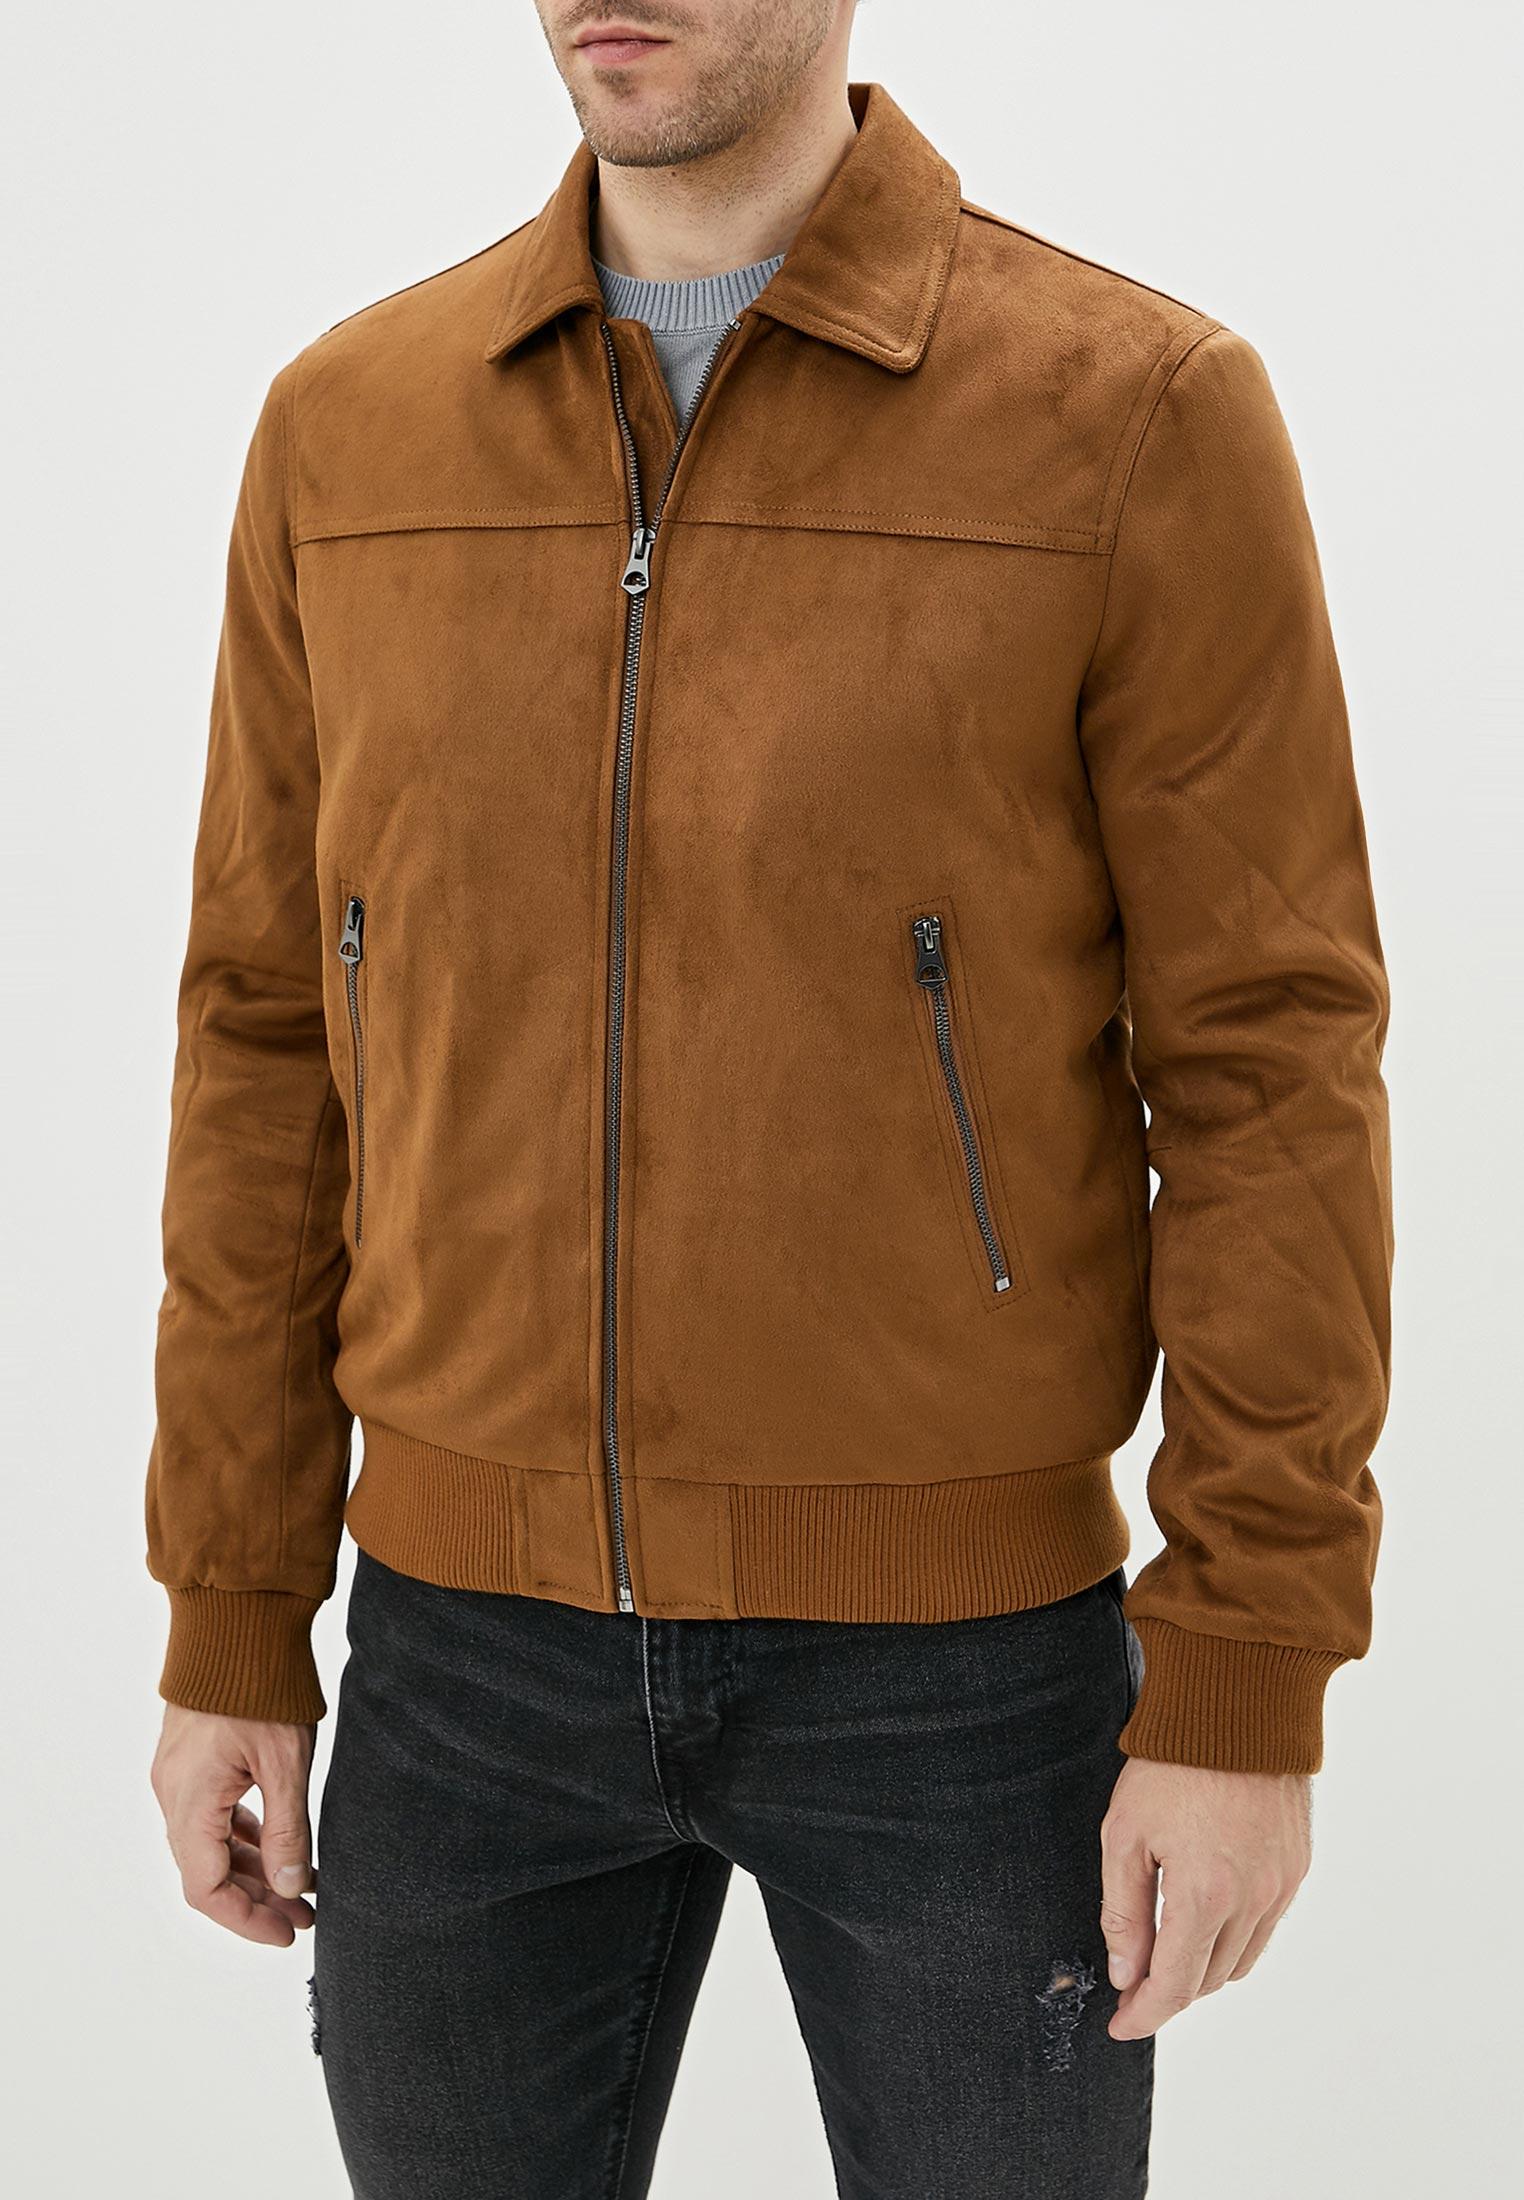 Куртка кожаная, Celio, цвет: коричневый. Артикул: CE007EMFKMB0. Одежда / Верхняя одежда / Кожаные куртки